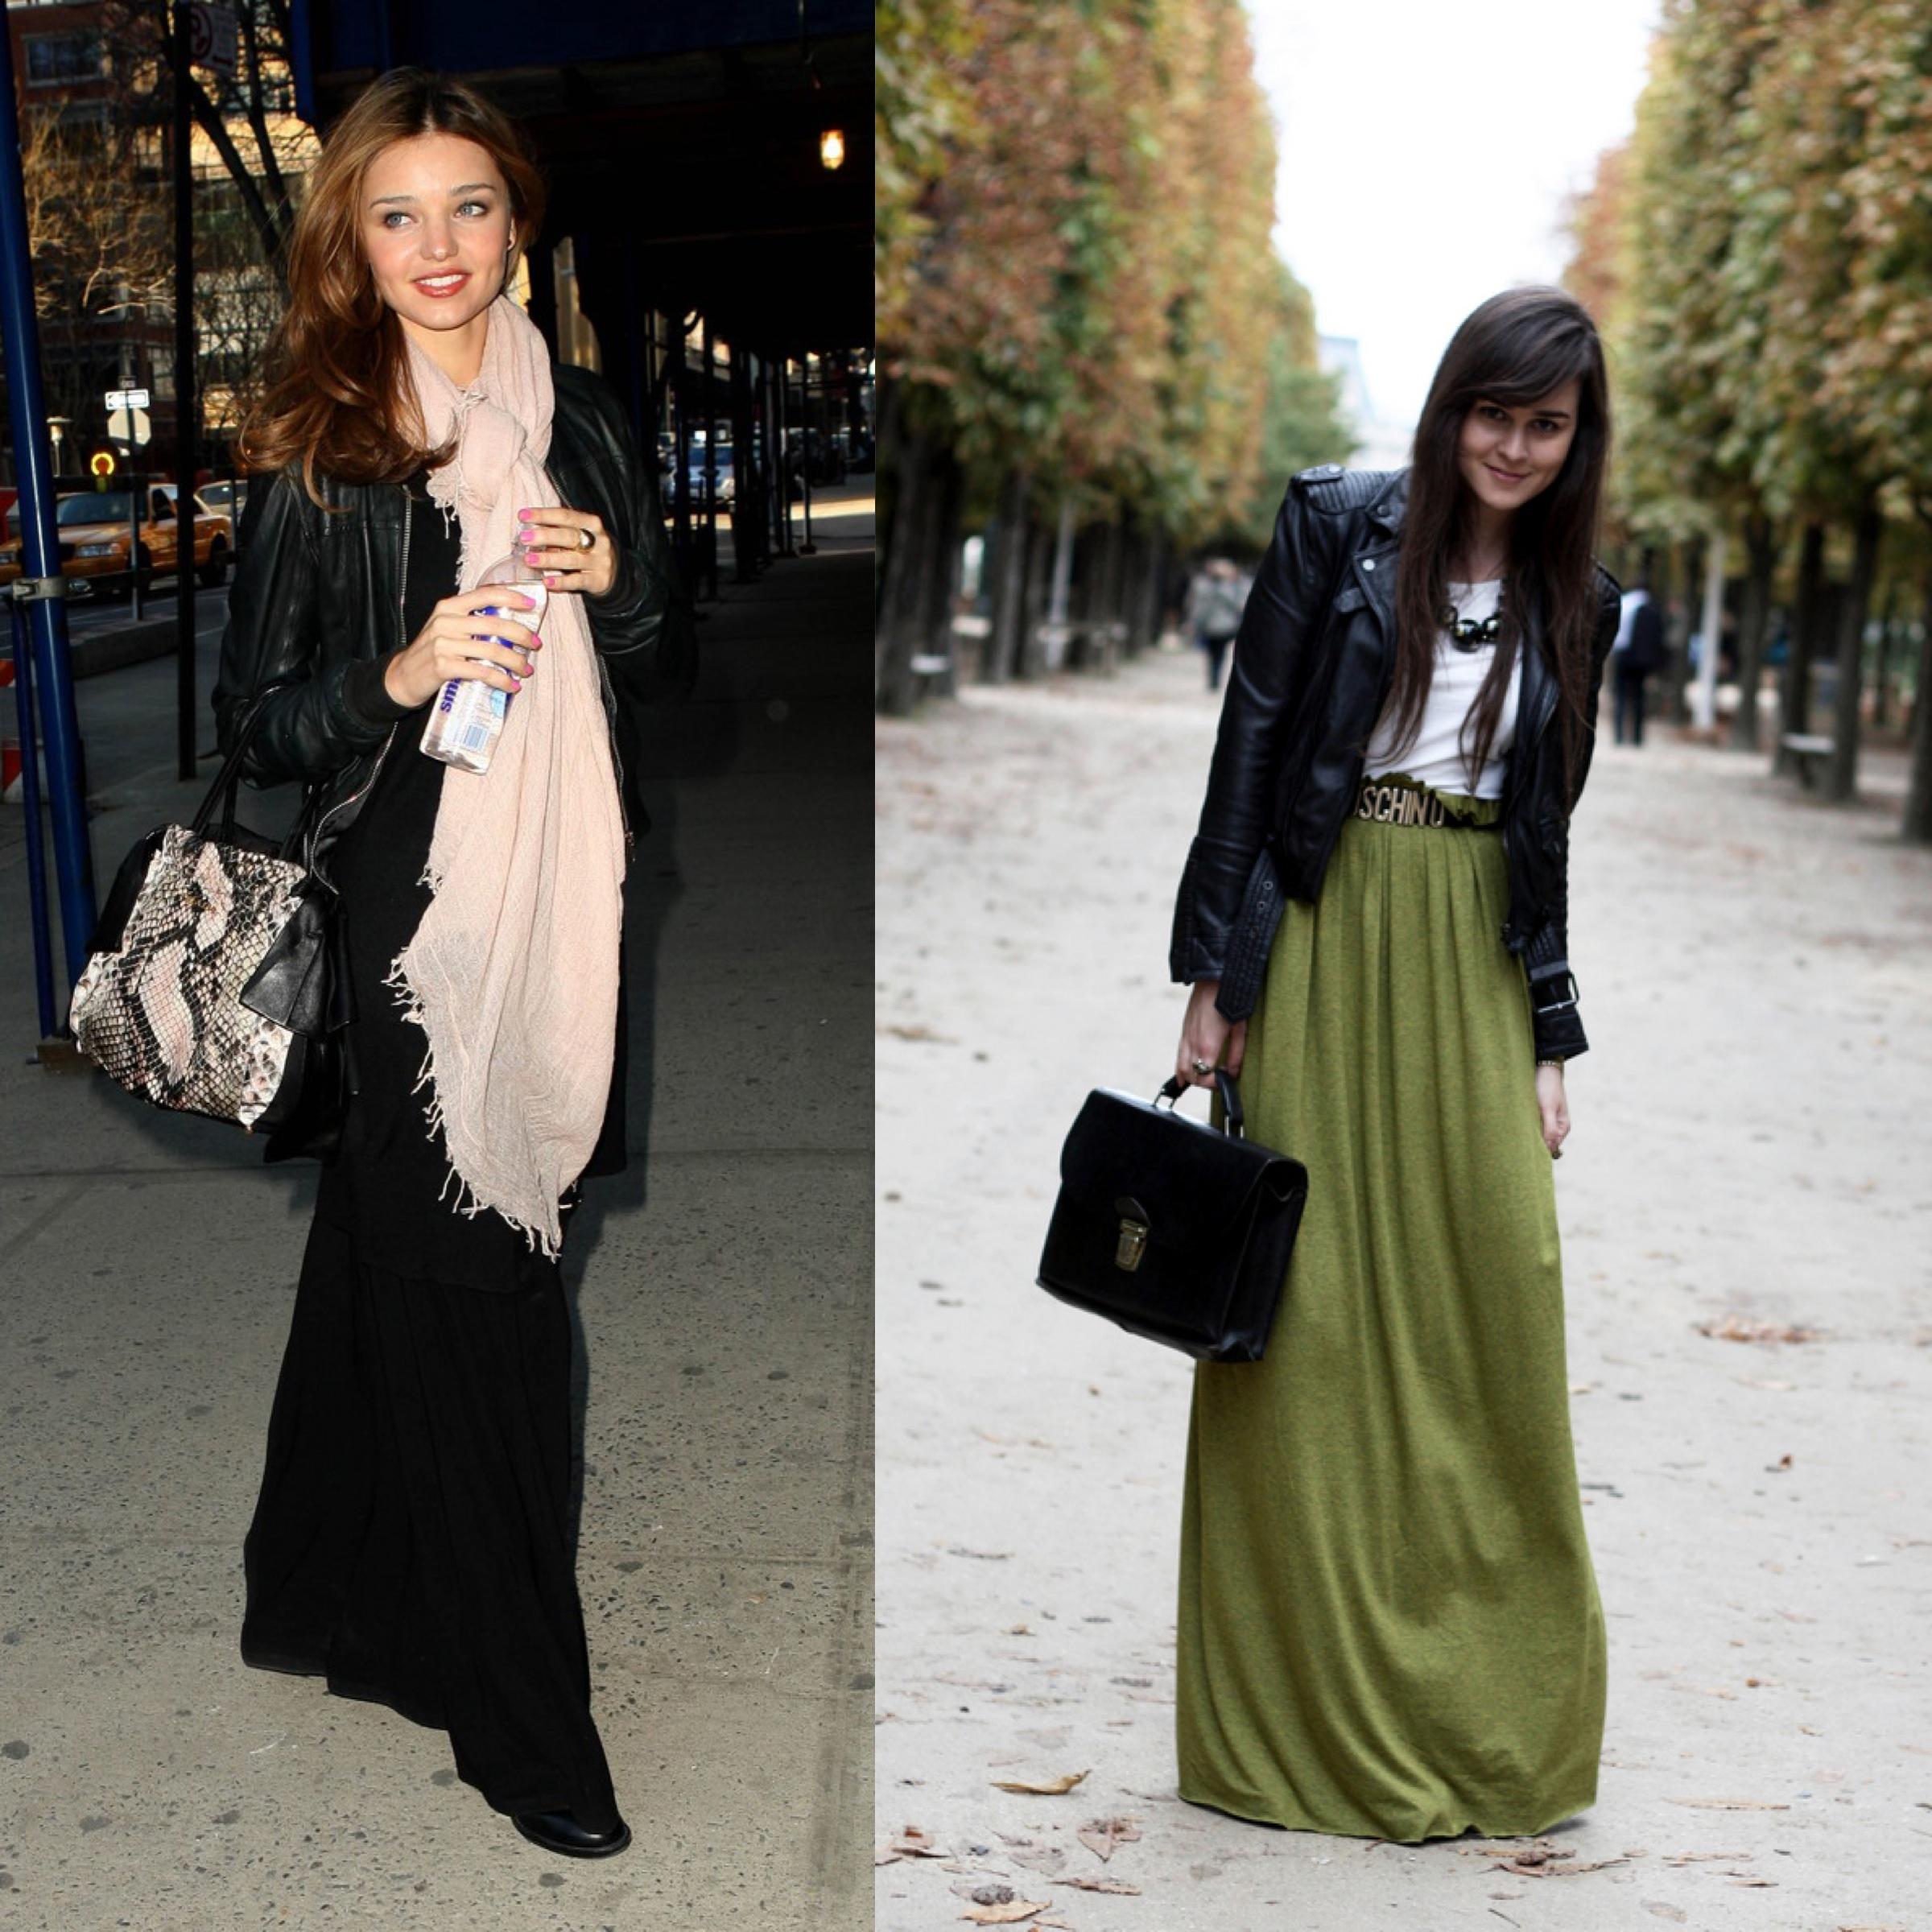 Modest fashion clothing